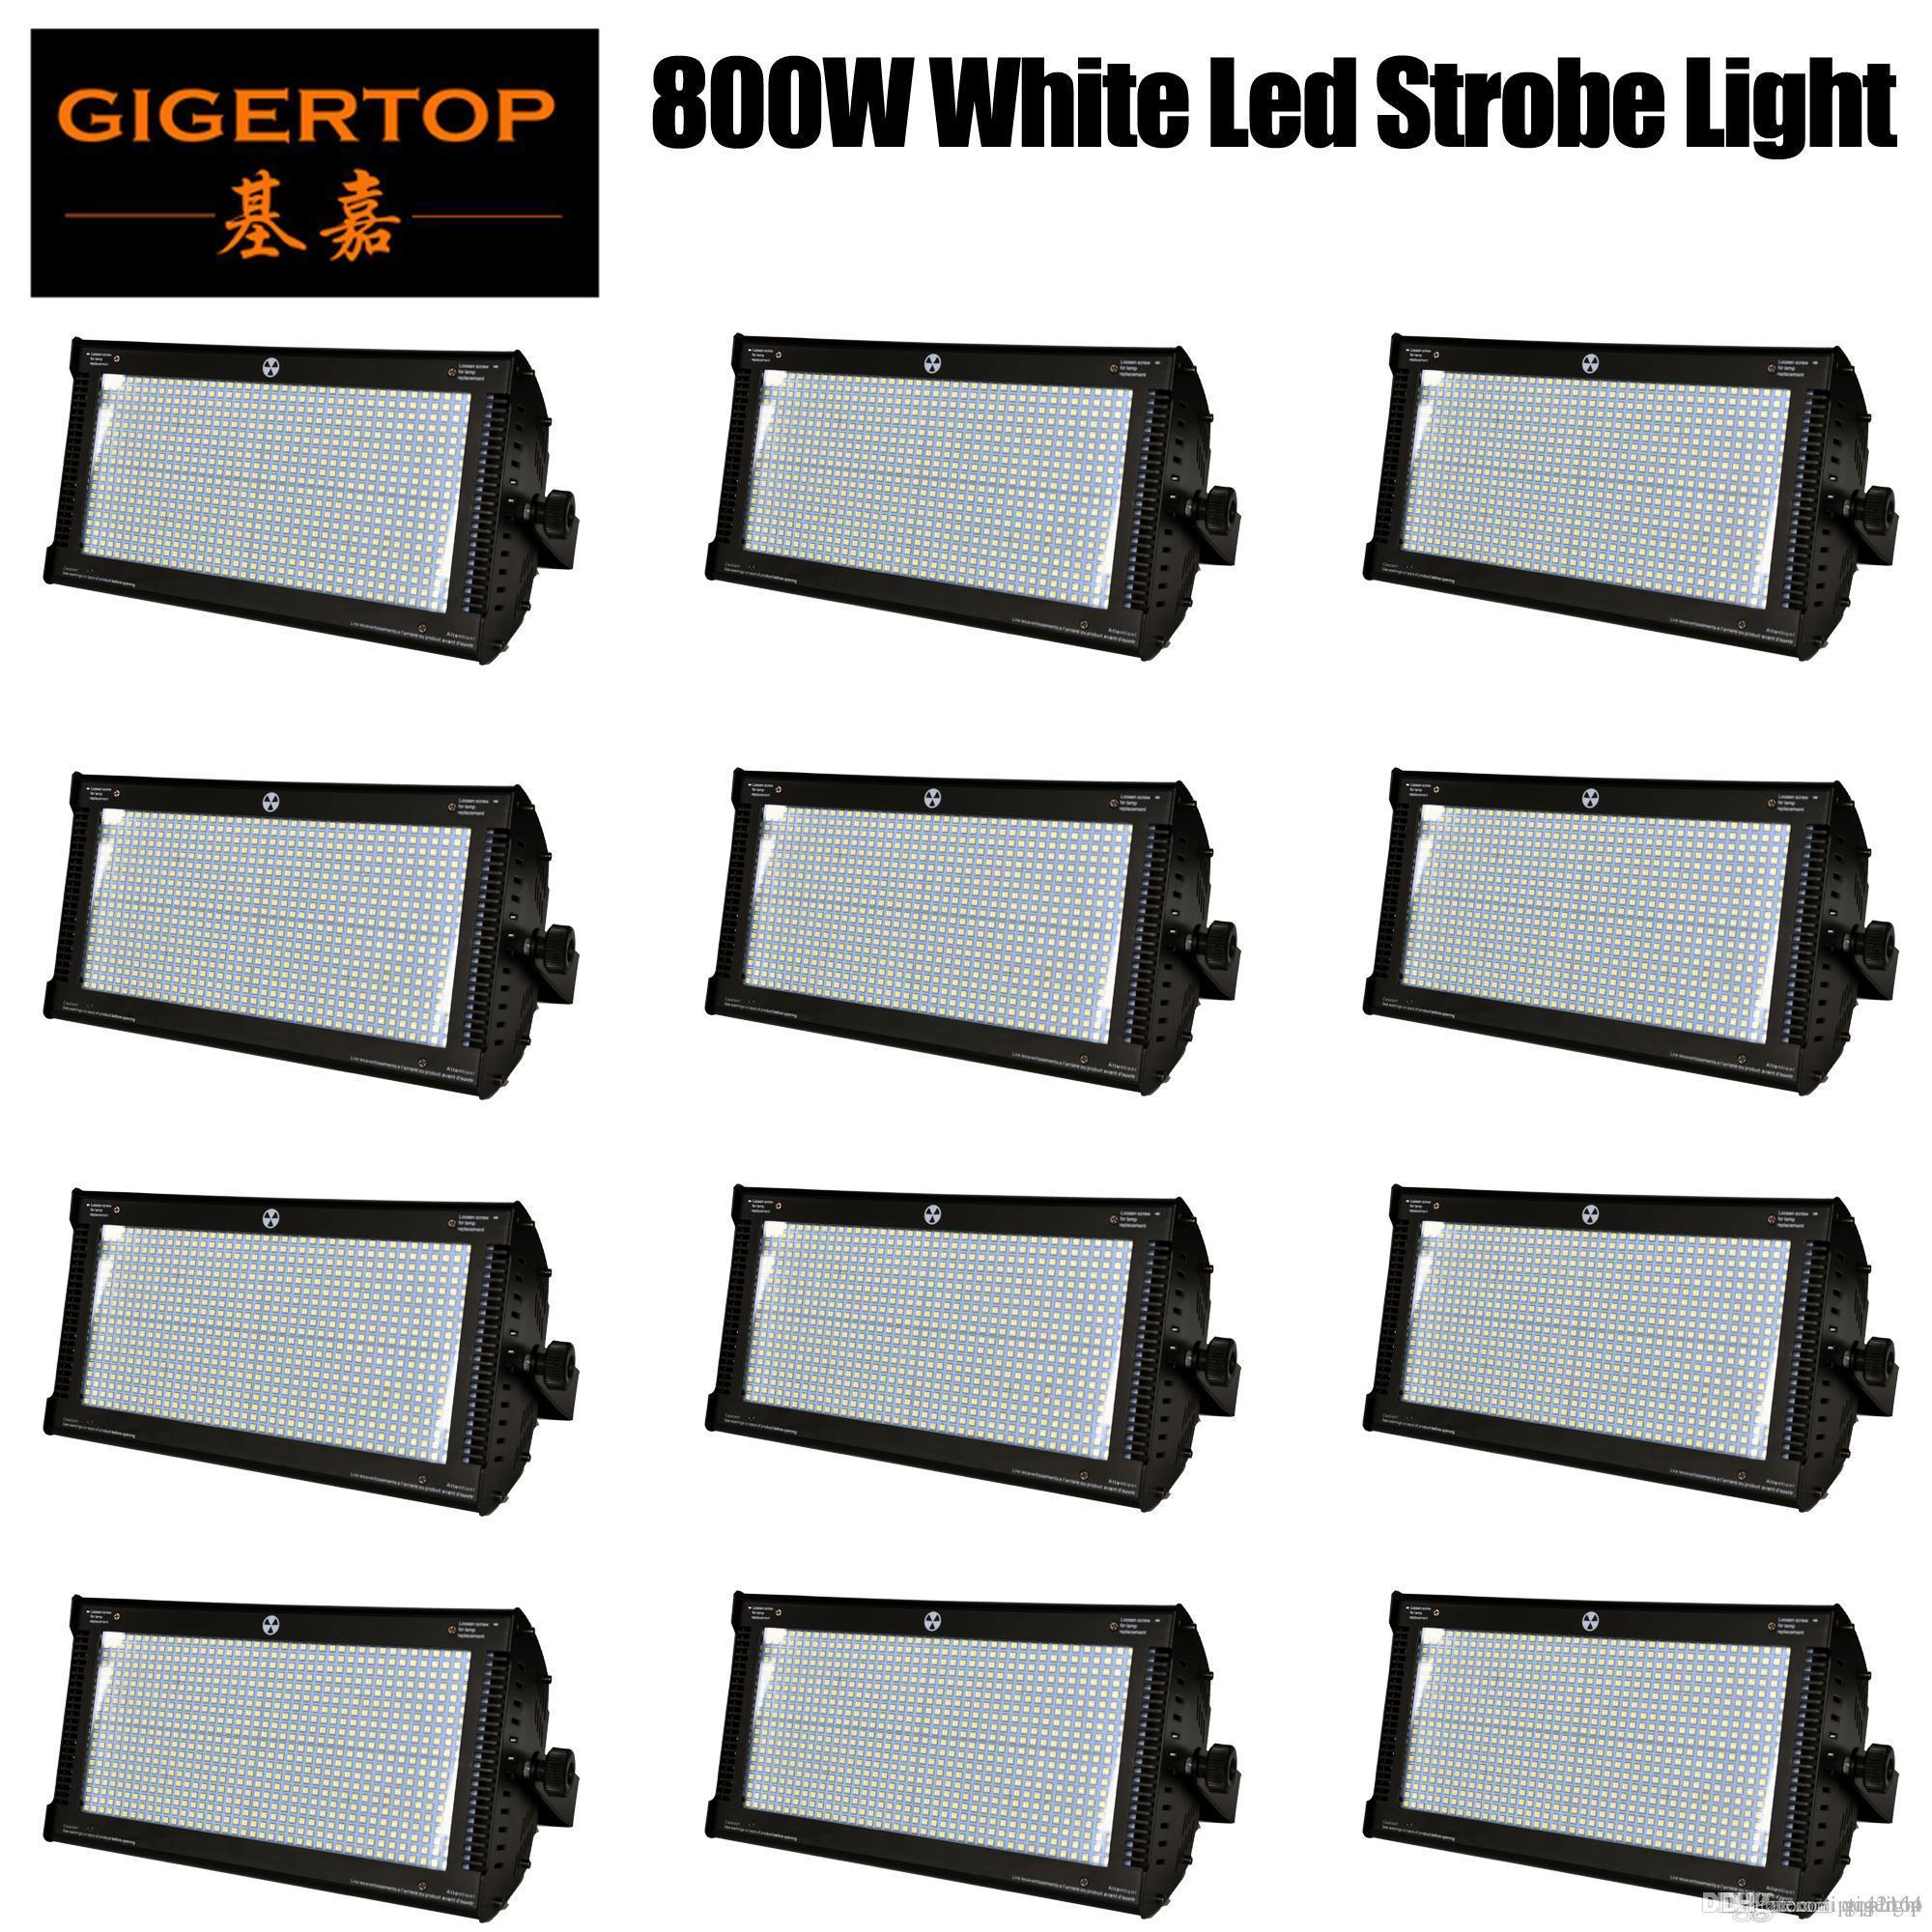 İndirim Fiyatı 12 Adet 800W Beyaz Renk DMX Led Strobe Işık Martin Strobe Flaş Işığı Stroboscope Sahne Efekti Işık